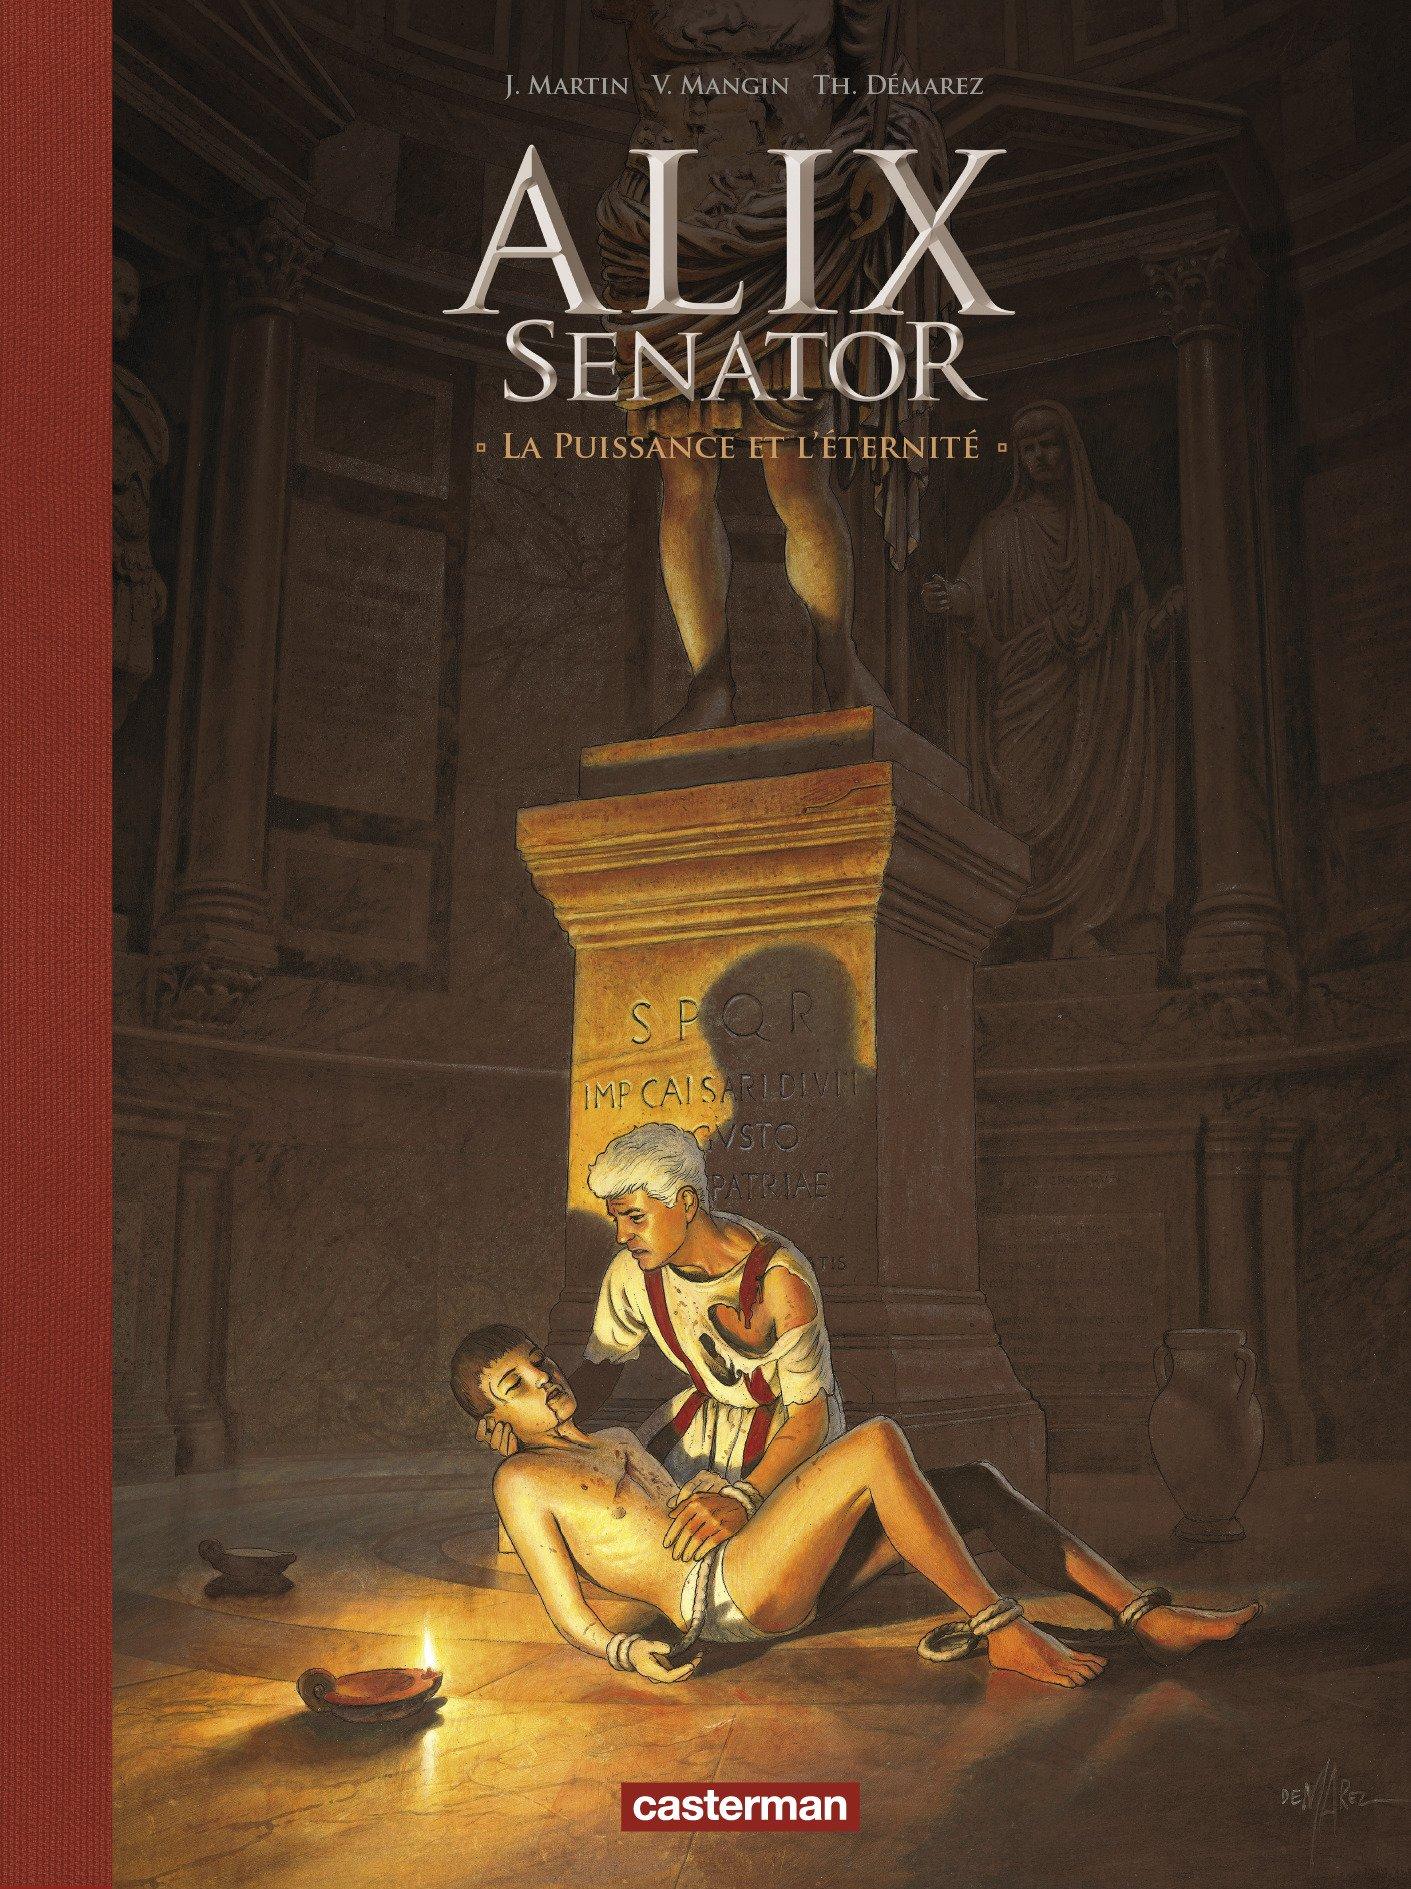 Alix senator 7 - La puissance de l'Éternité